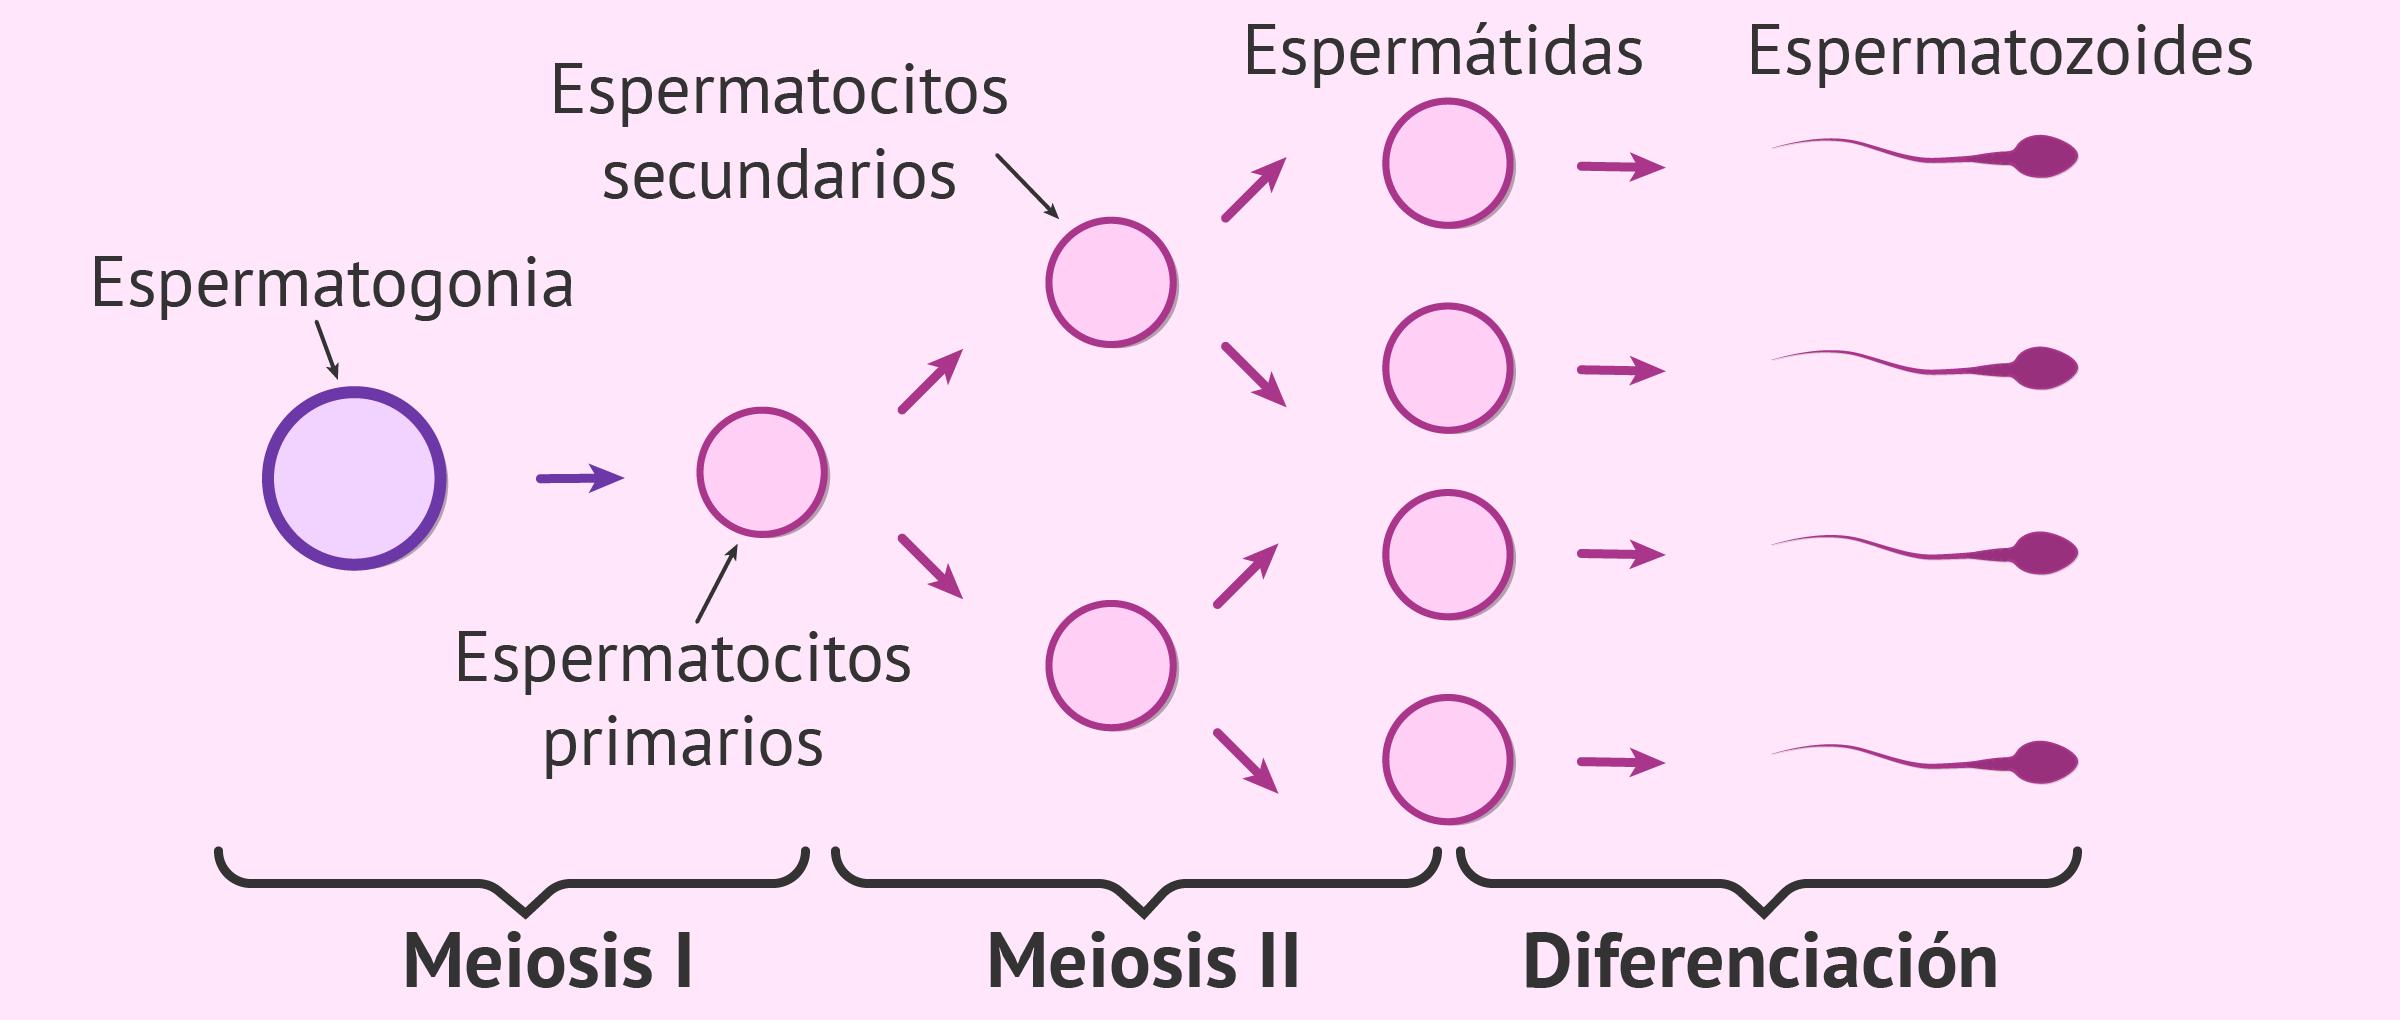 Cómo es el espermatozoide? - Formación, partes y función